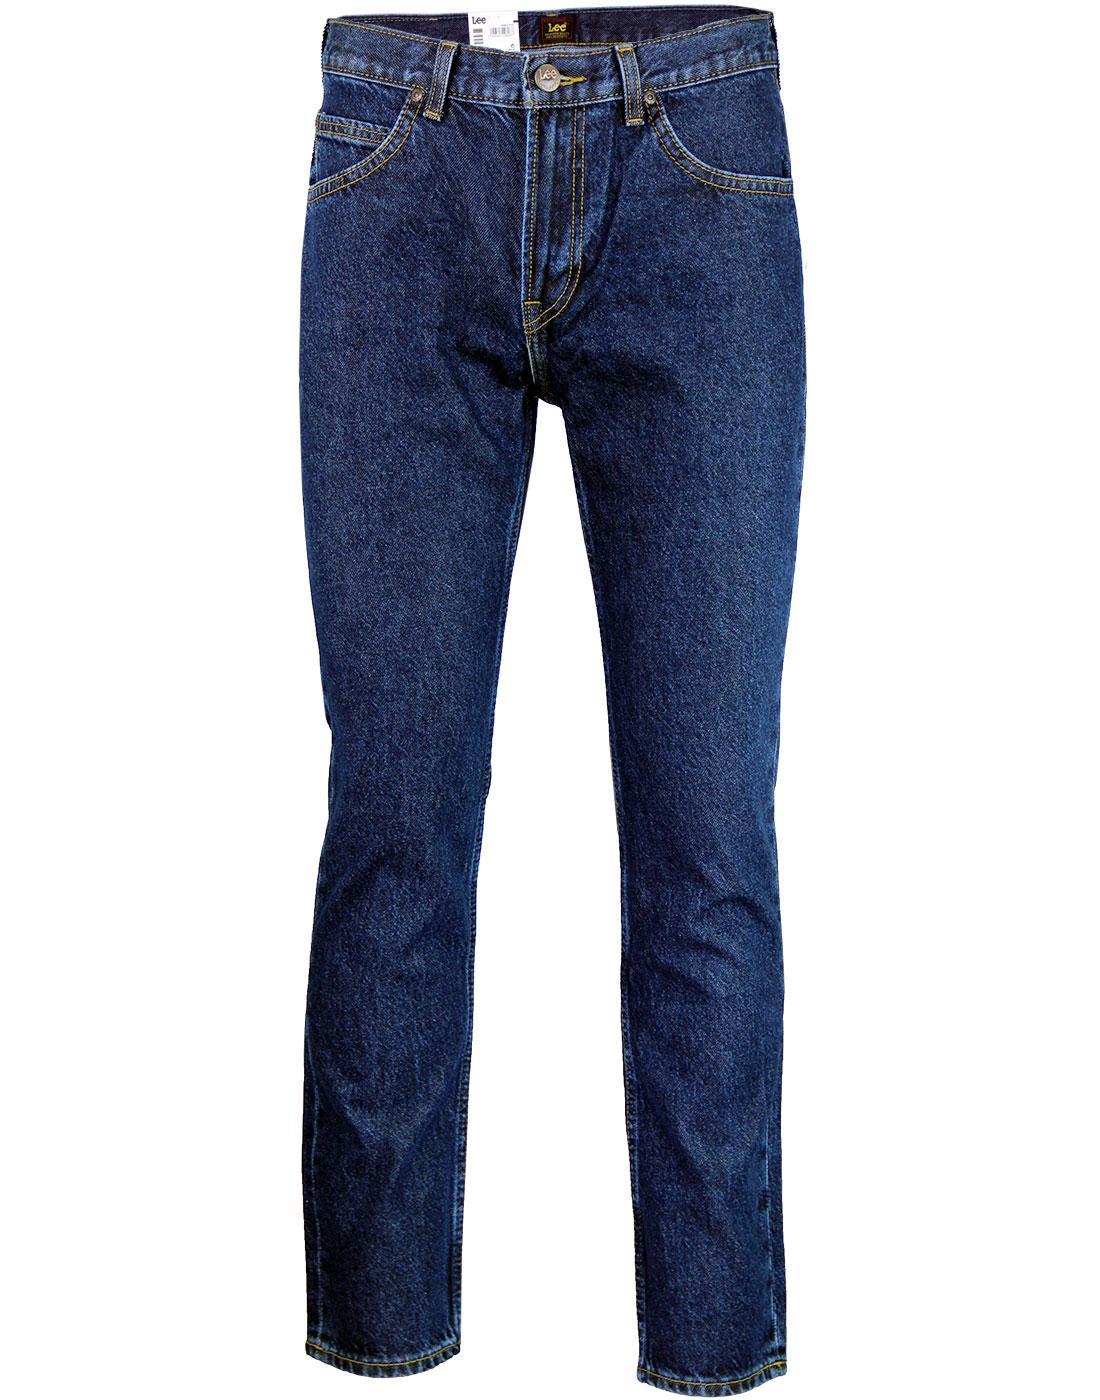 90's Rider LEE Retro Dark Stonewash Denim Jeans